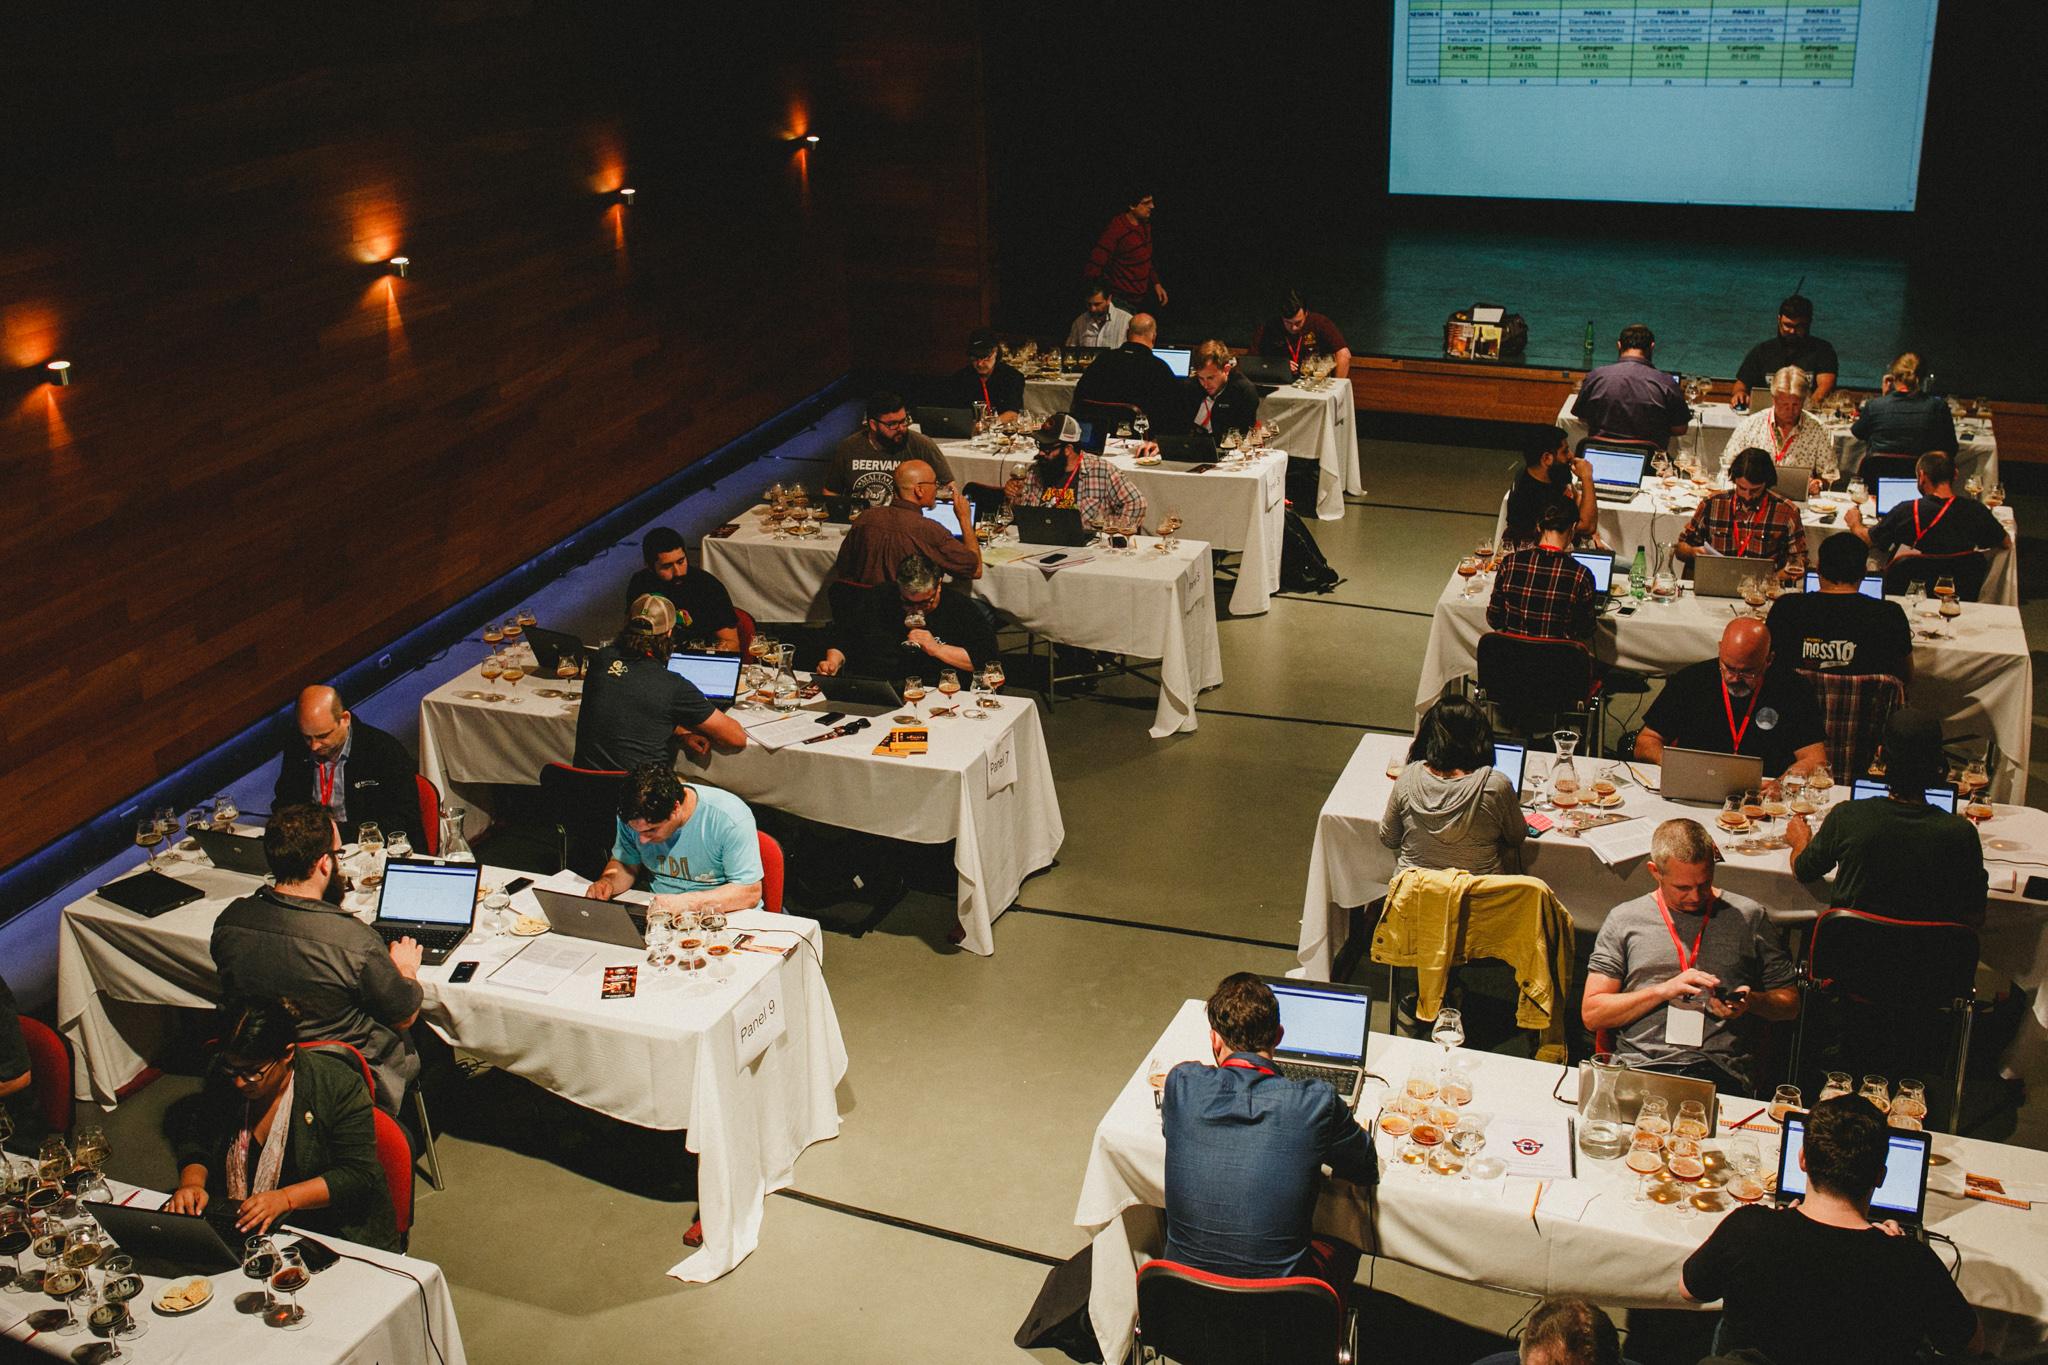 Competição, com avaliação por jurados internacionais, se realiza em Santiago do Chile (Foto: Divulgação)